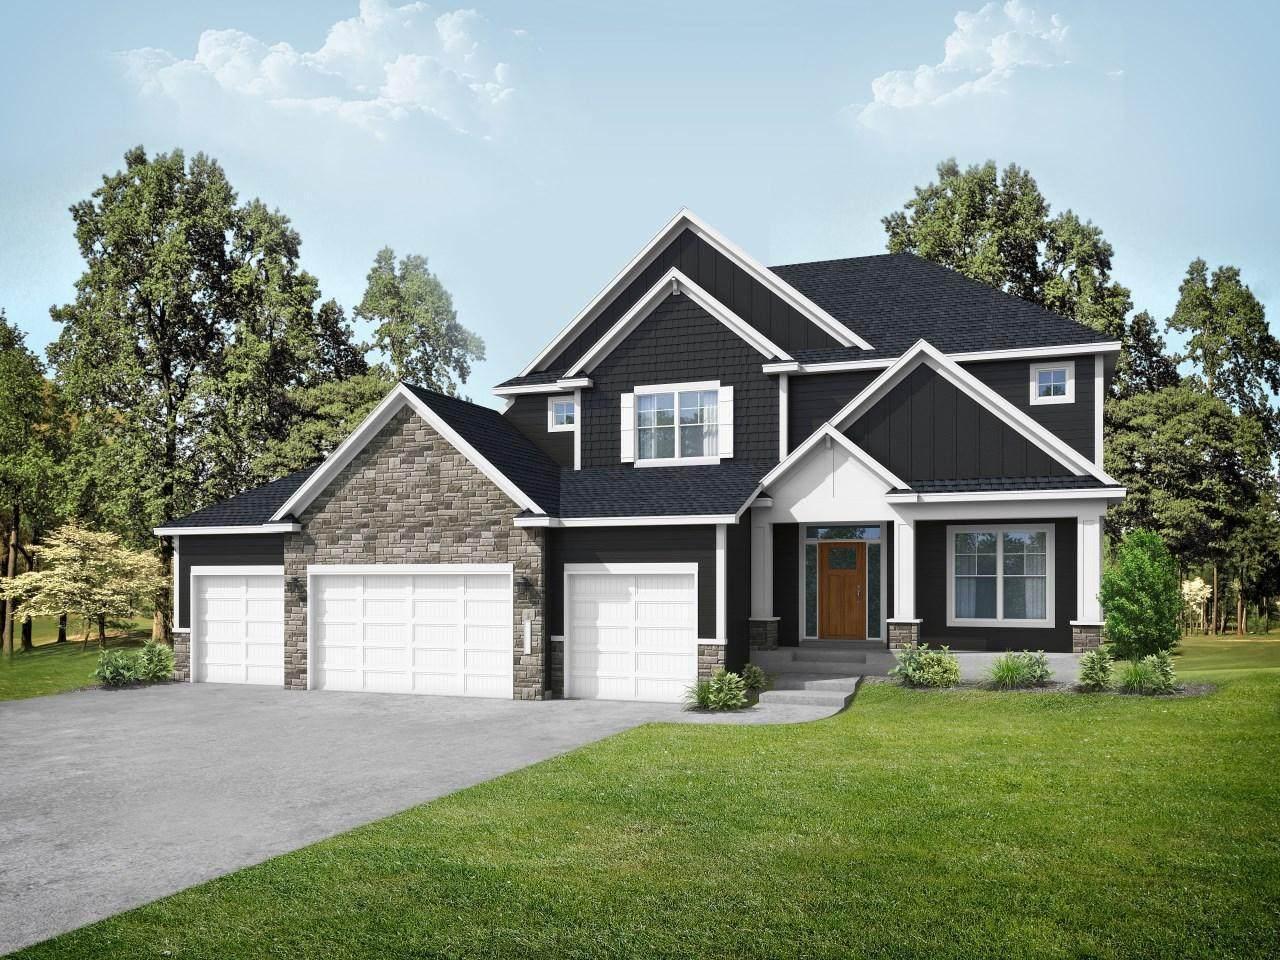 12921 Burr Oak Lane - Photo 1